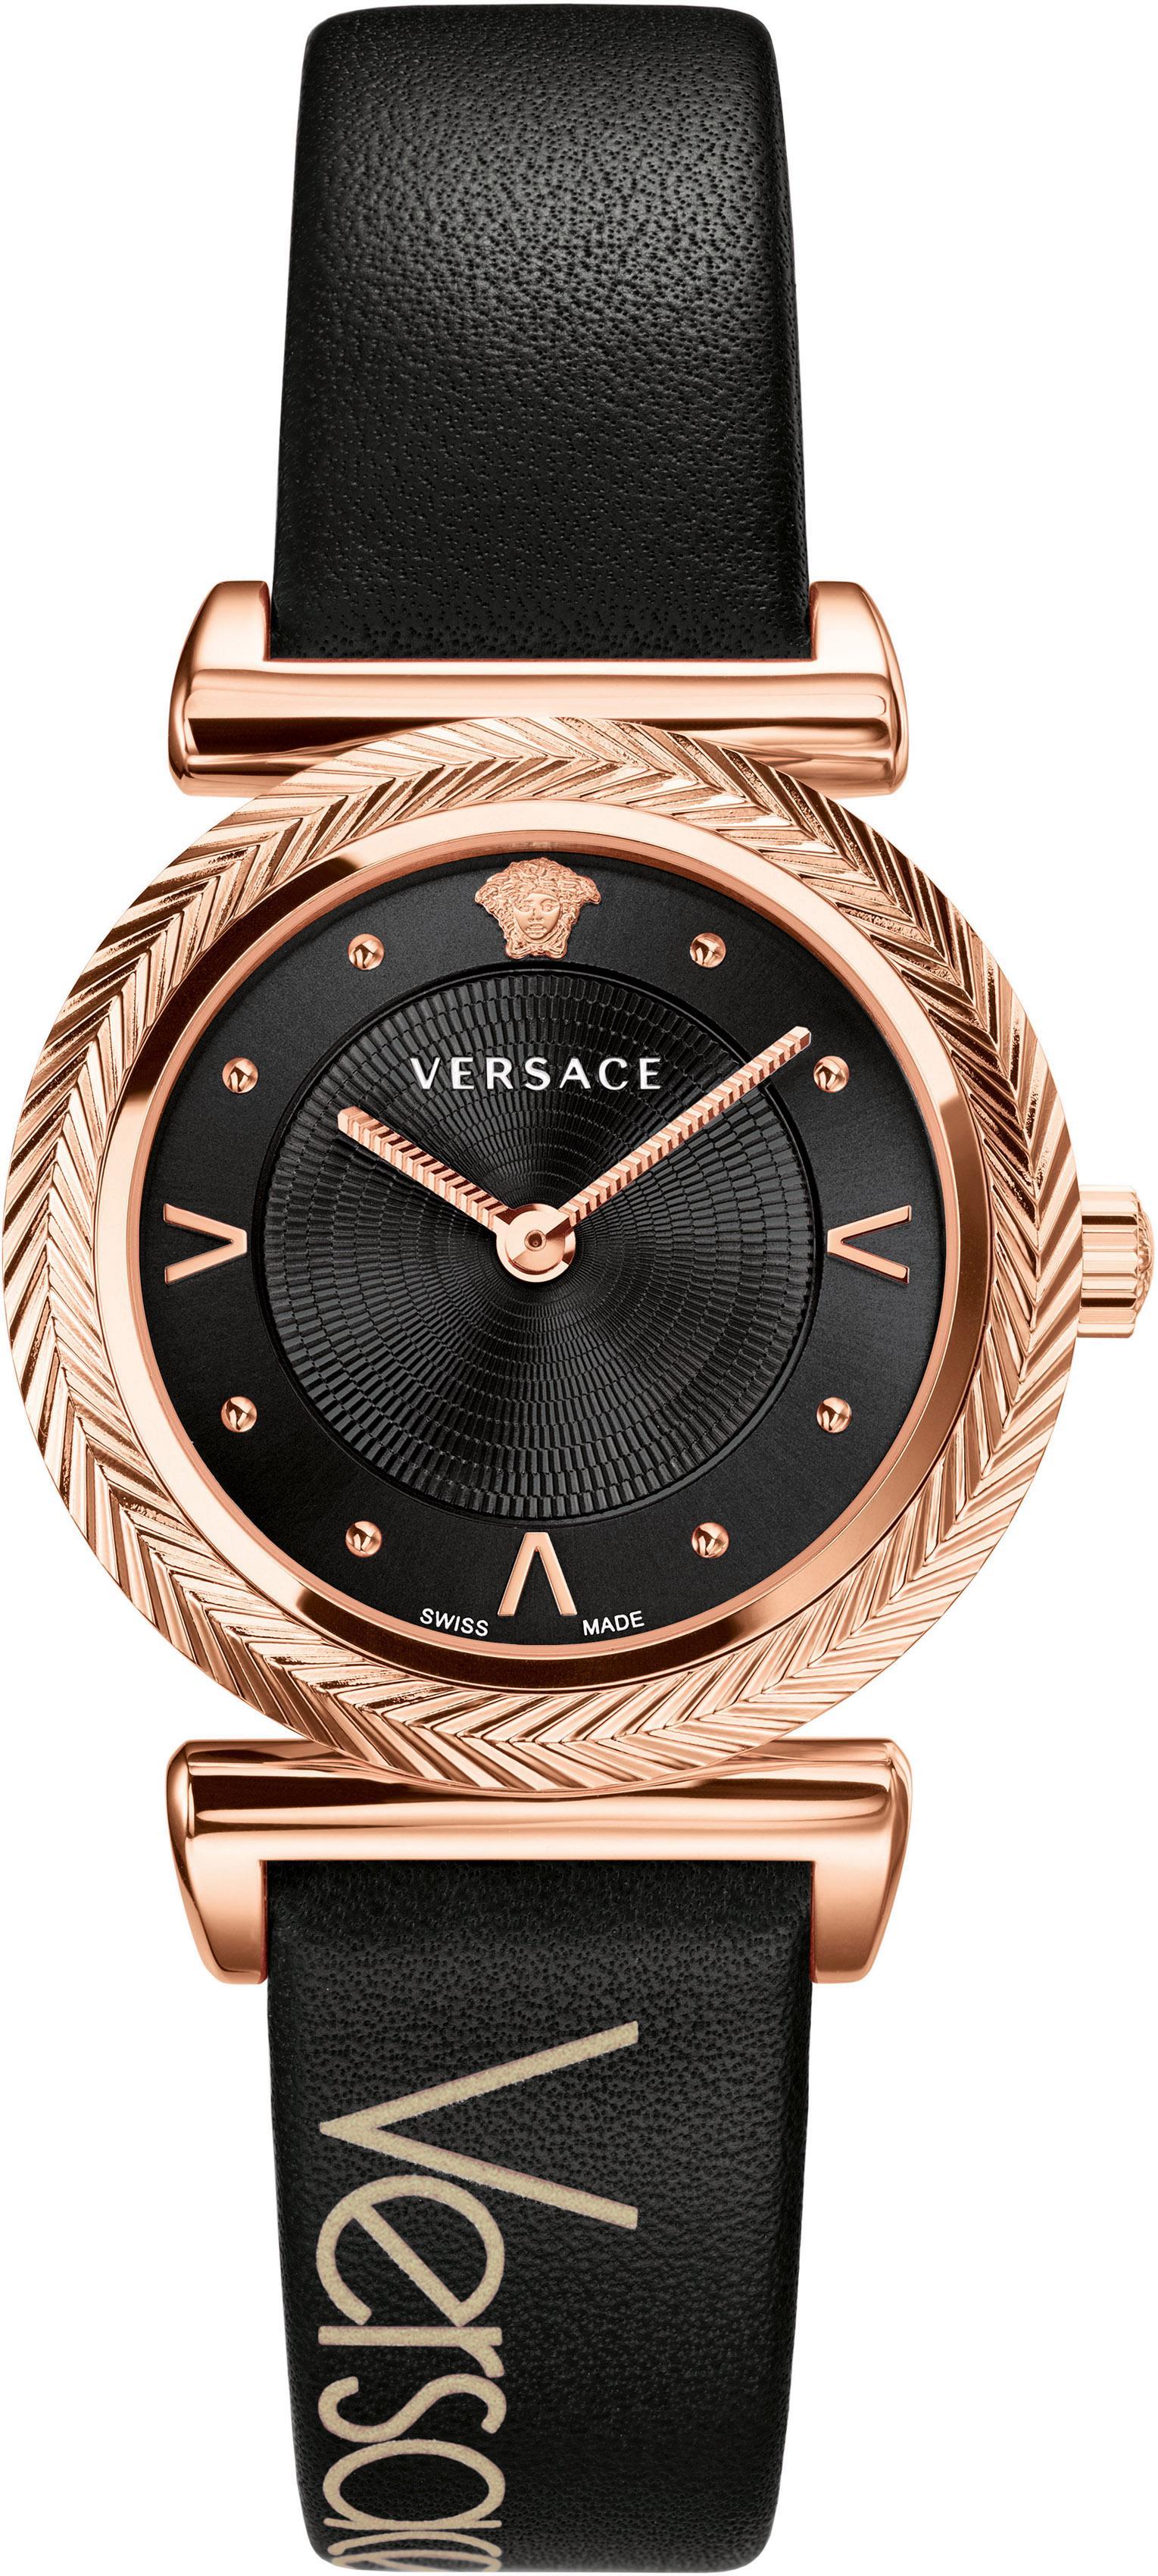 Versace Schweizer Uhr V-MOTIF VERE00818 | Uhren > Schweizer Uhren | Versace